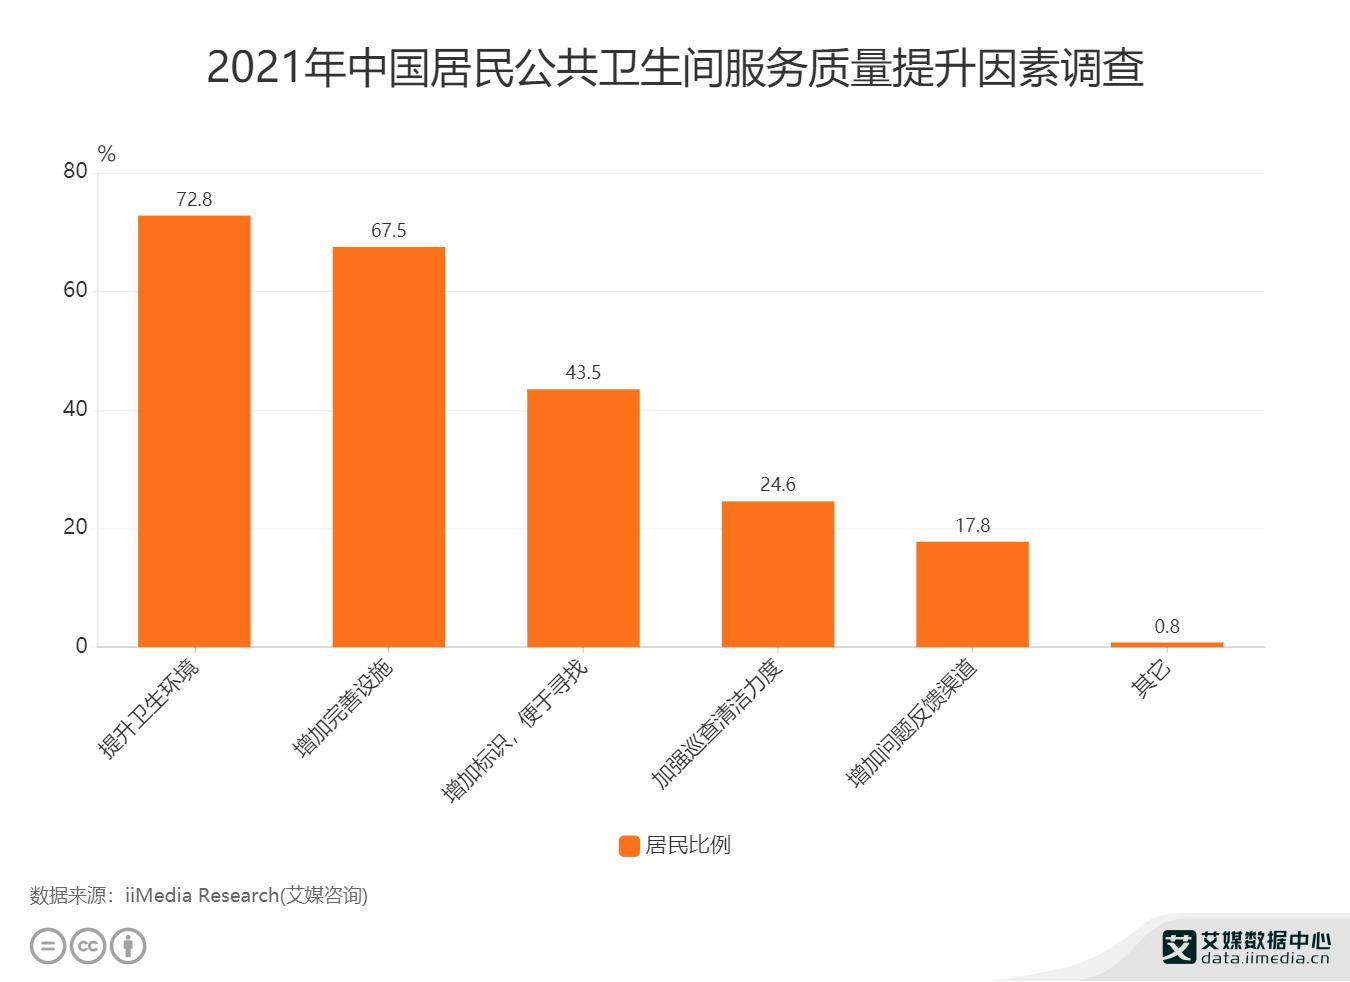 2021年中国居民公共卫生间服务质量提升因素调查.png